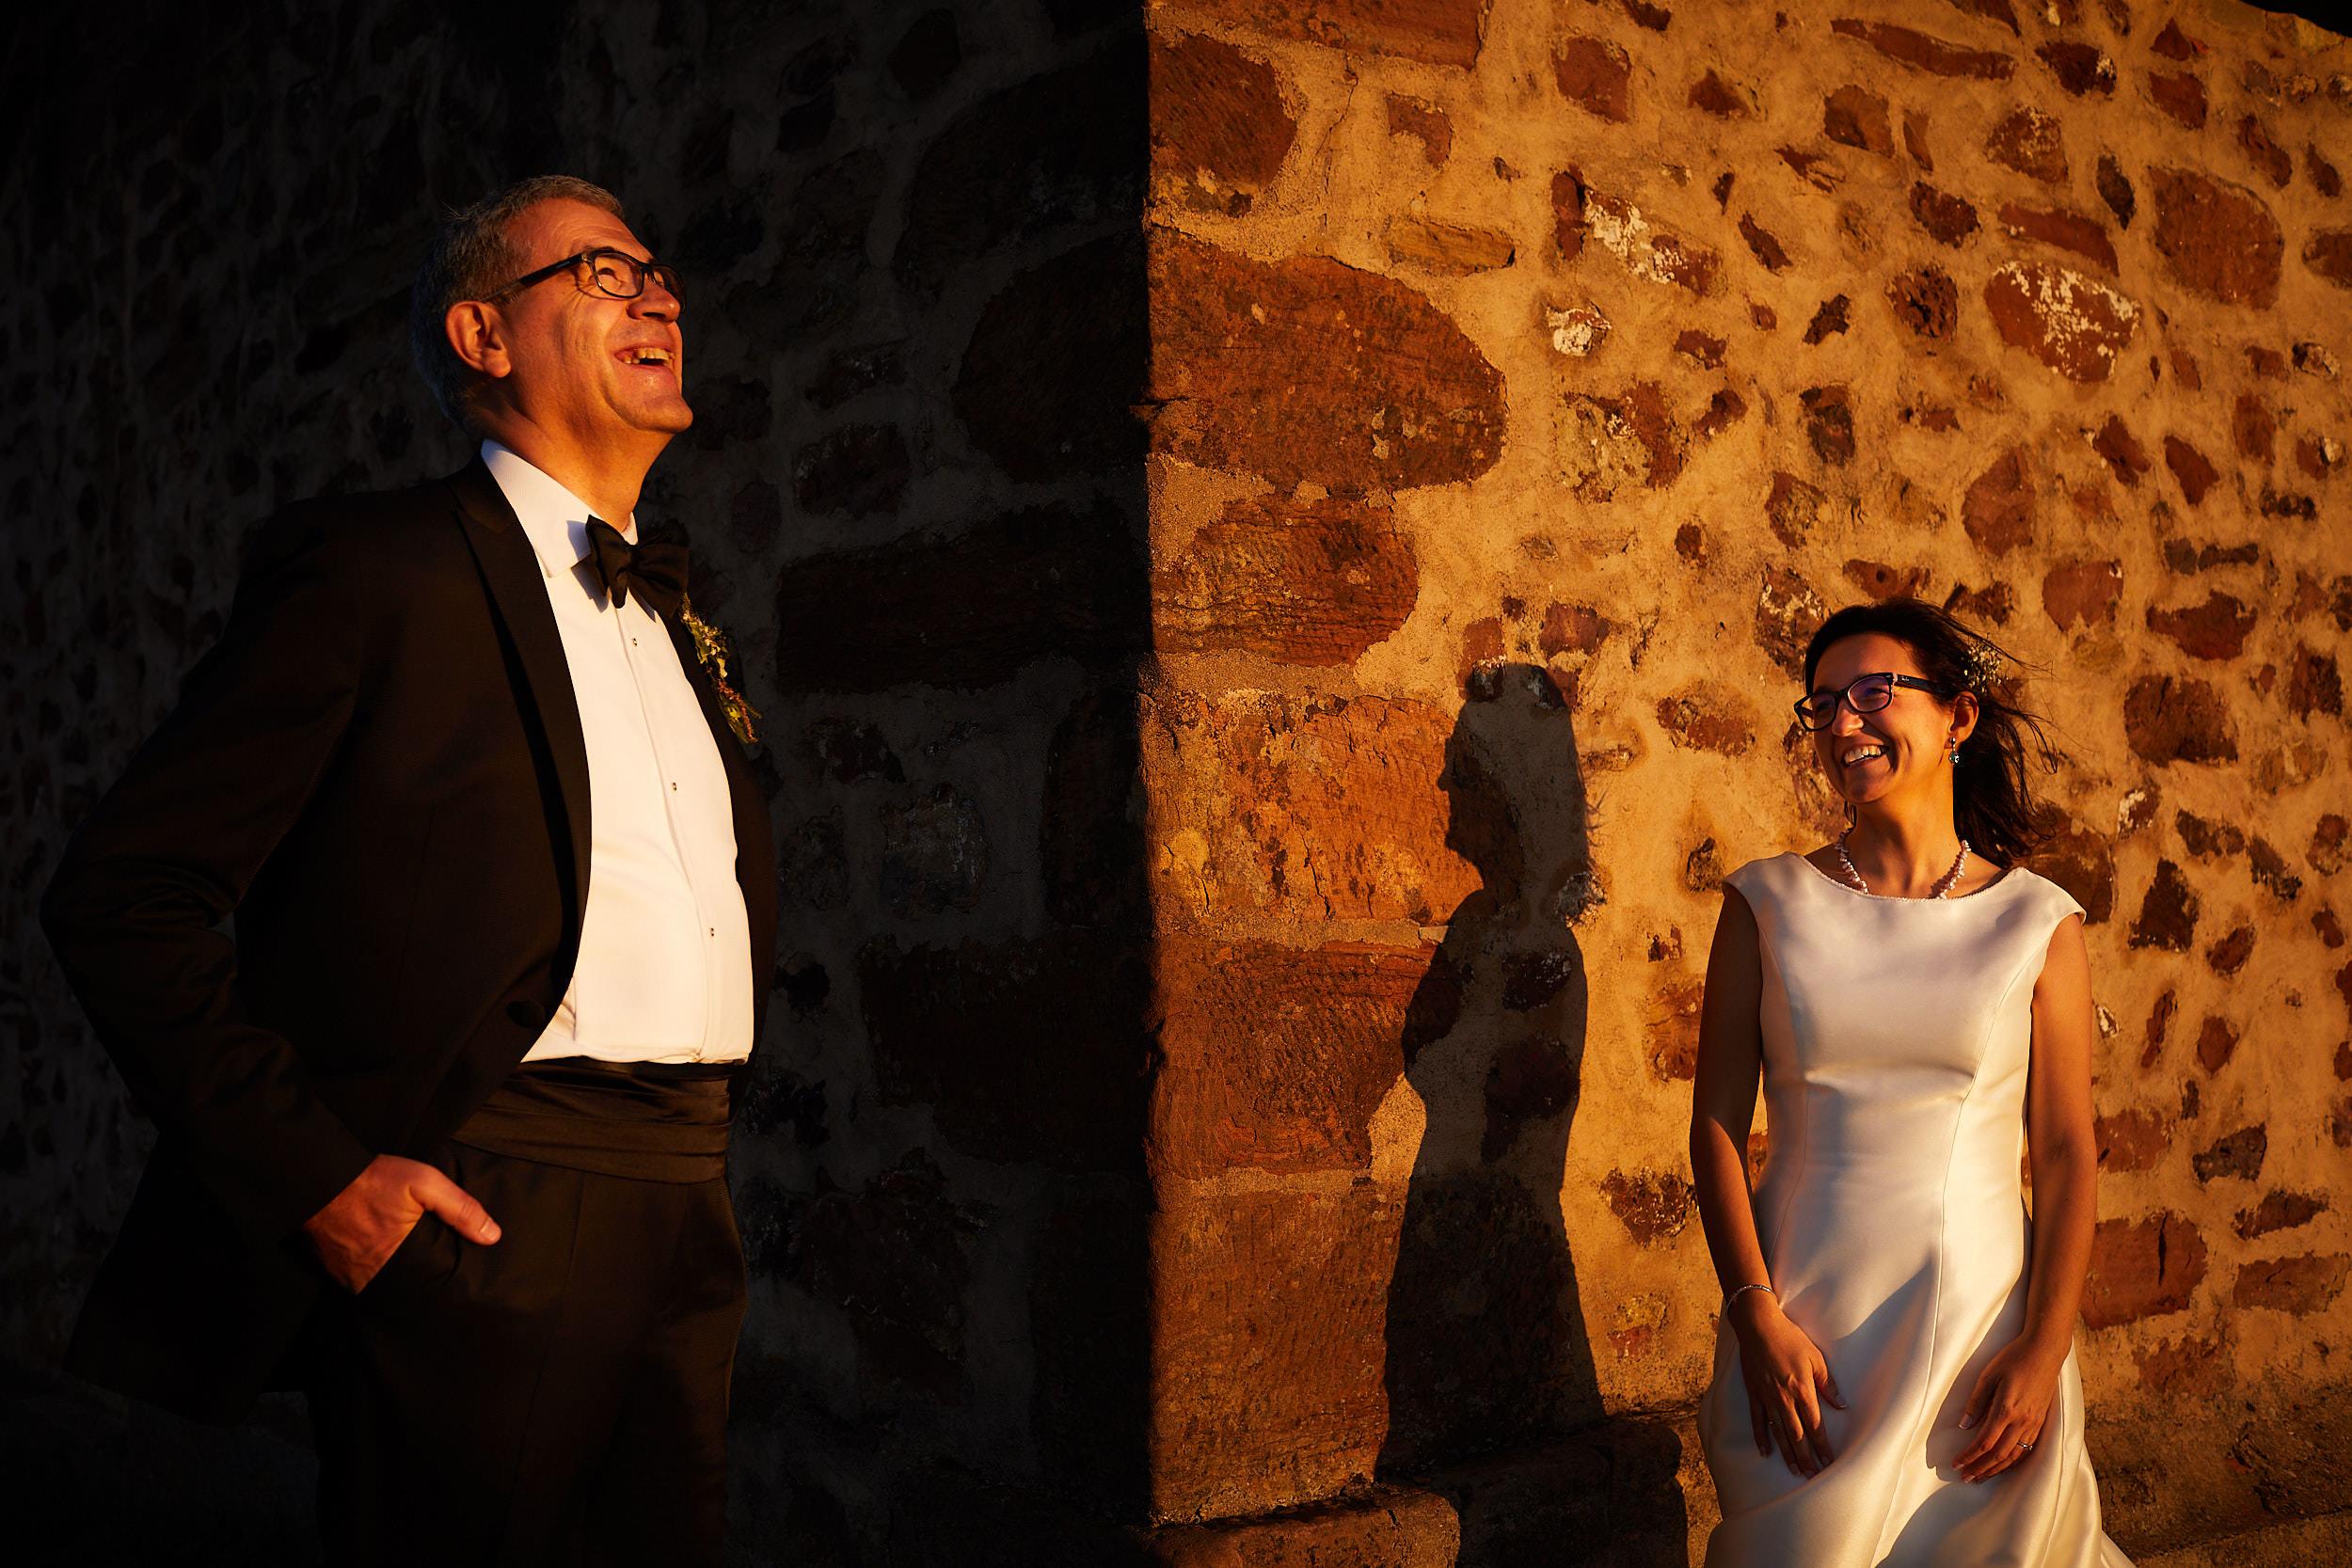 16/6/18 Mariló y Miguel, Boda en Ezcaray, La Rioja, España. Foto de James Sturcke | sturcke.org